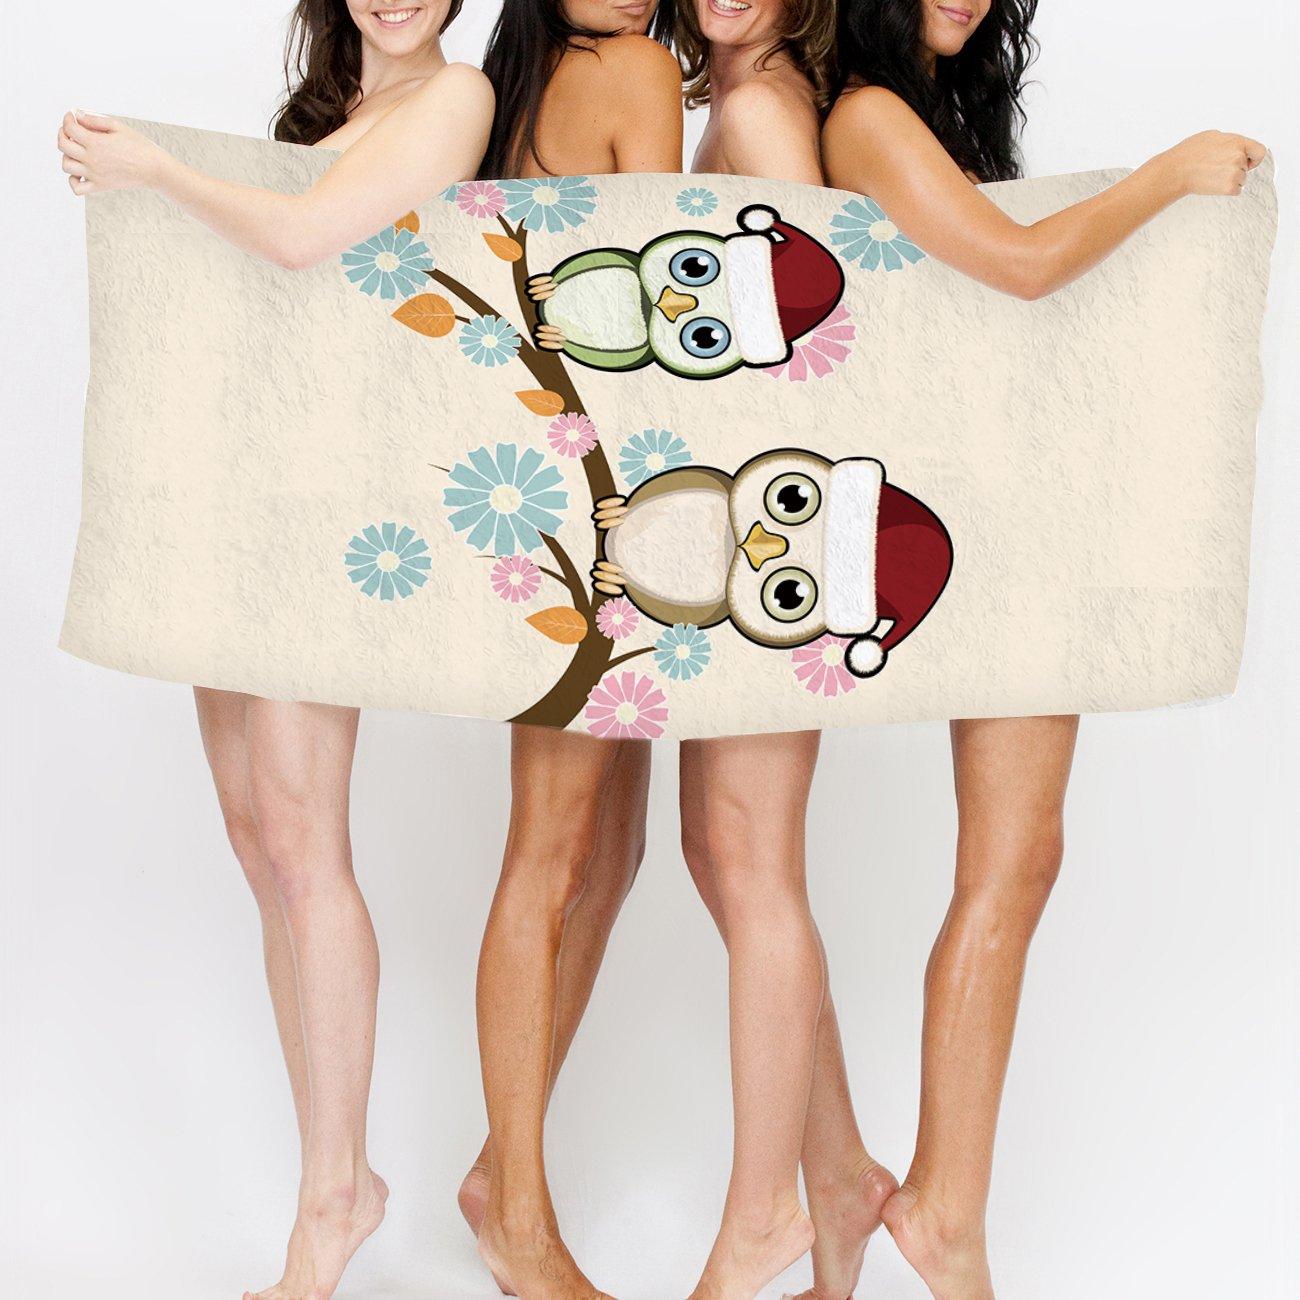 Toalla de baño familia búho con moderno diseño de gorro de Navidad Santa toalla de mano baño toallas de ducha de Wrap Playa Cuerpo para Hotel playa gimnasio ...